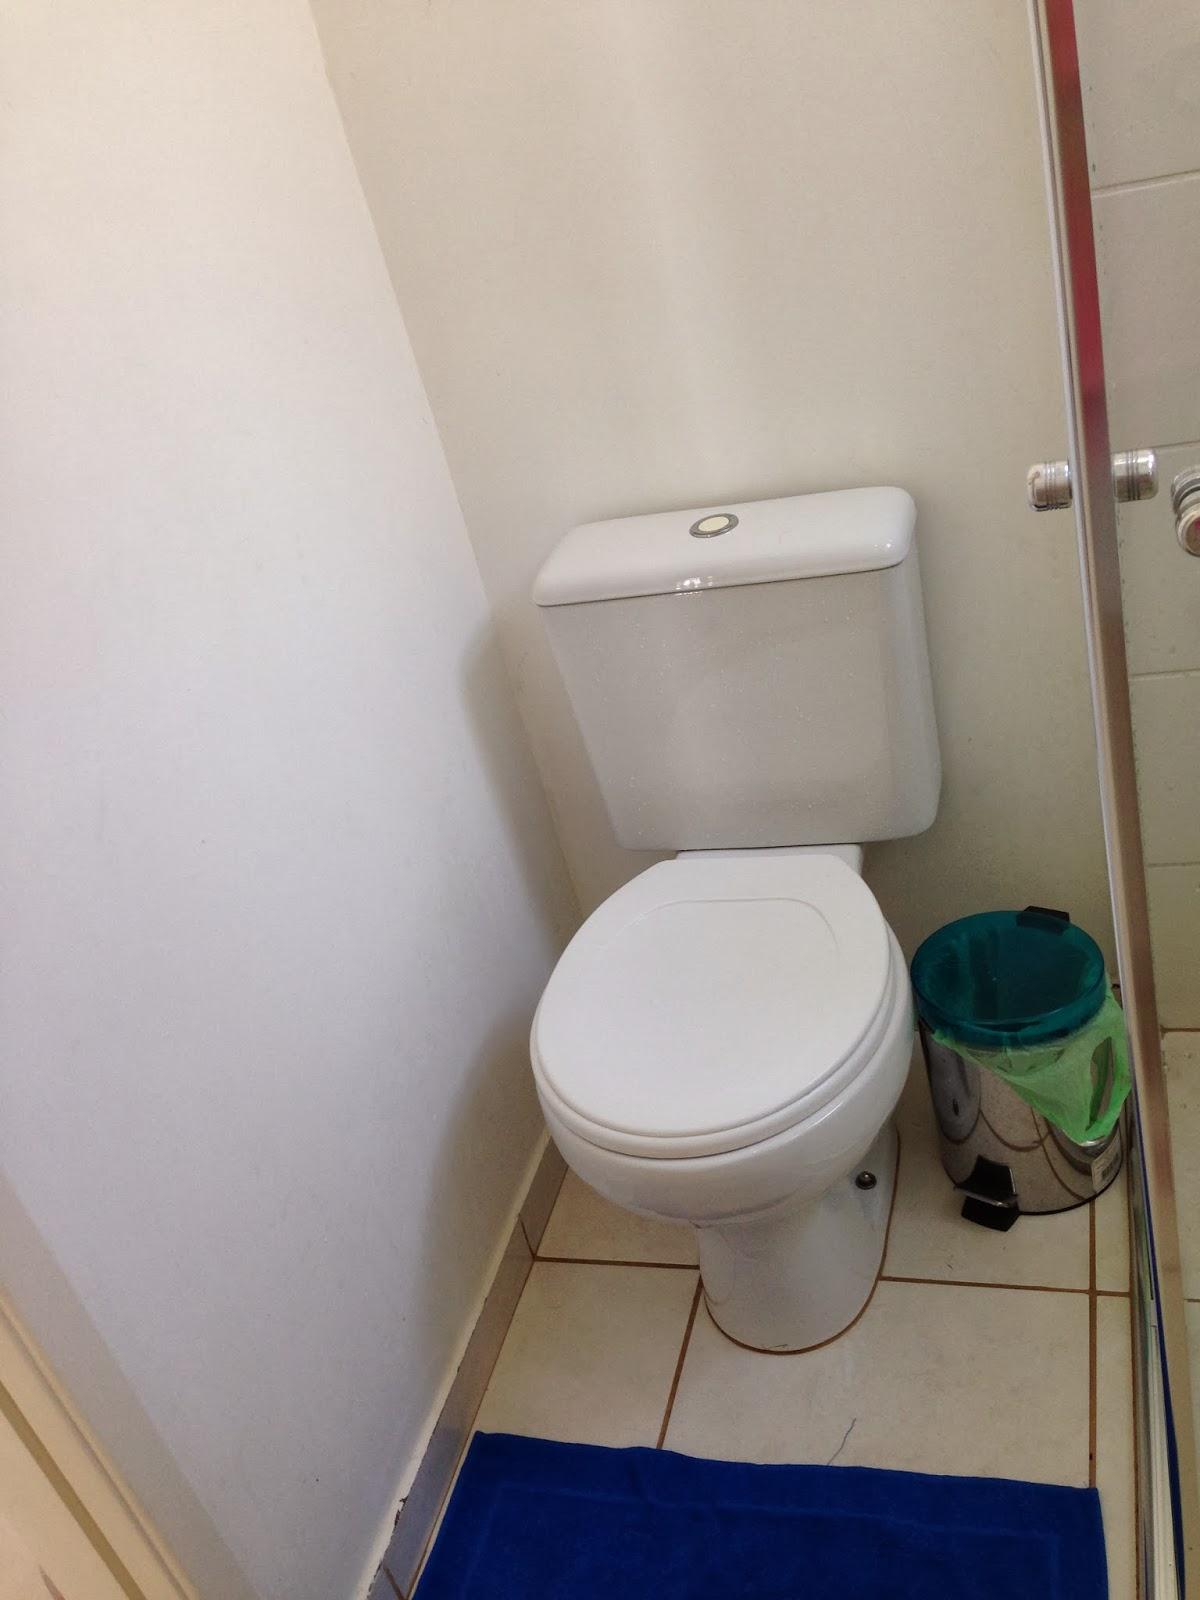 Minha solução para banheiros pequenos  Coisas da Casa e da Vida -> Banheiro Pequeno Solucao